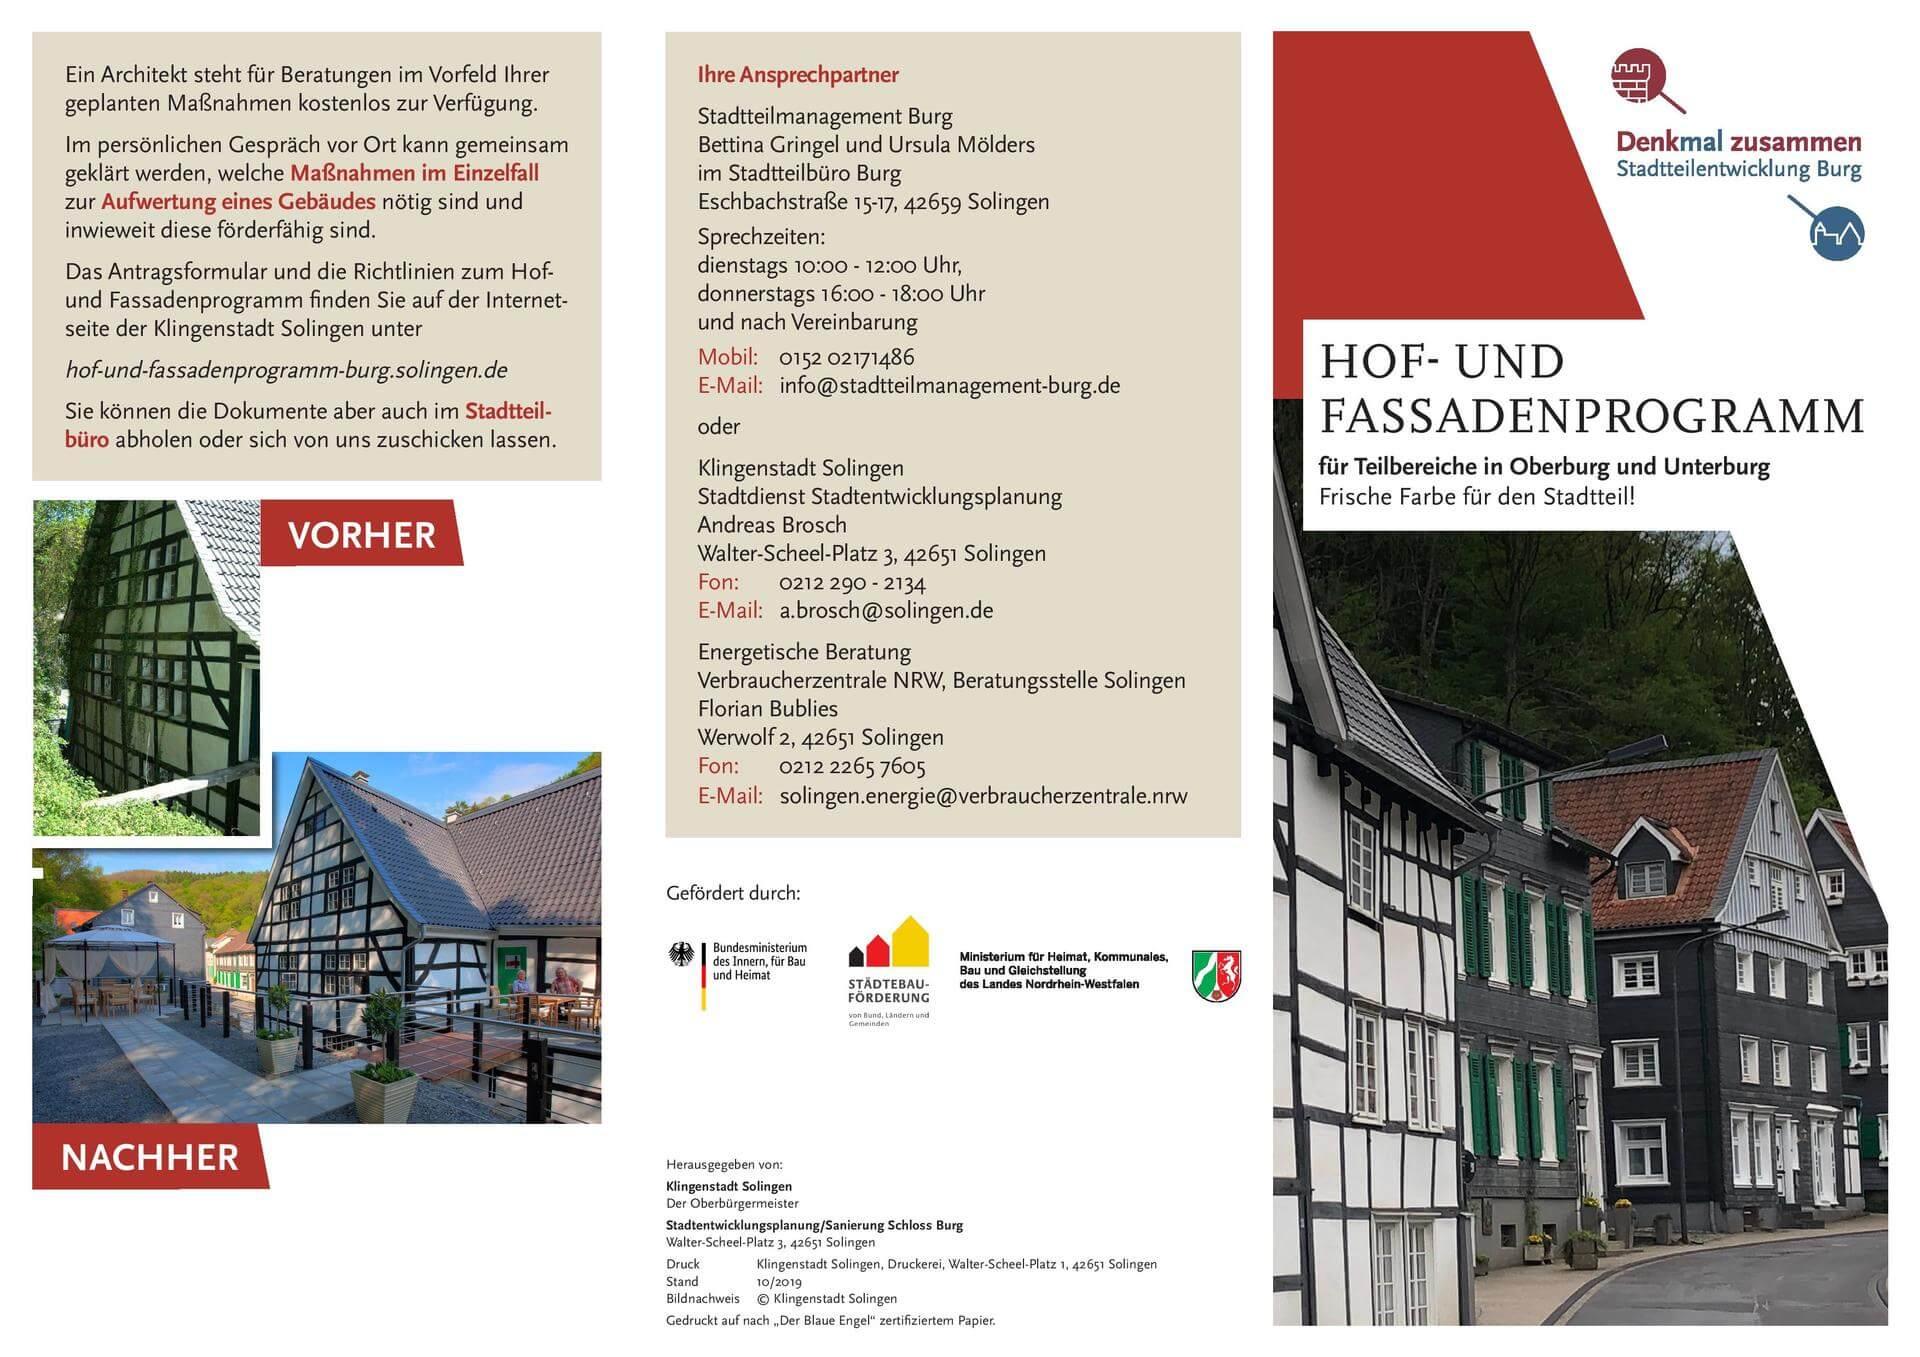 Flyer Hof-und Fassadenprogramm Oberburg und Unterburg Vorderseite